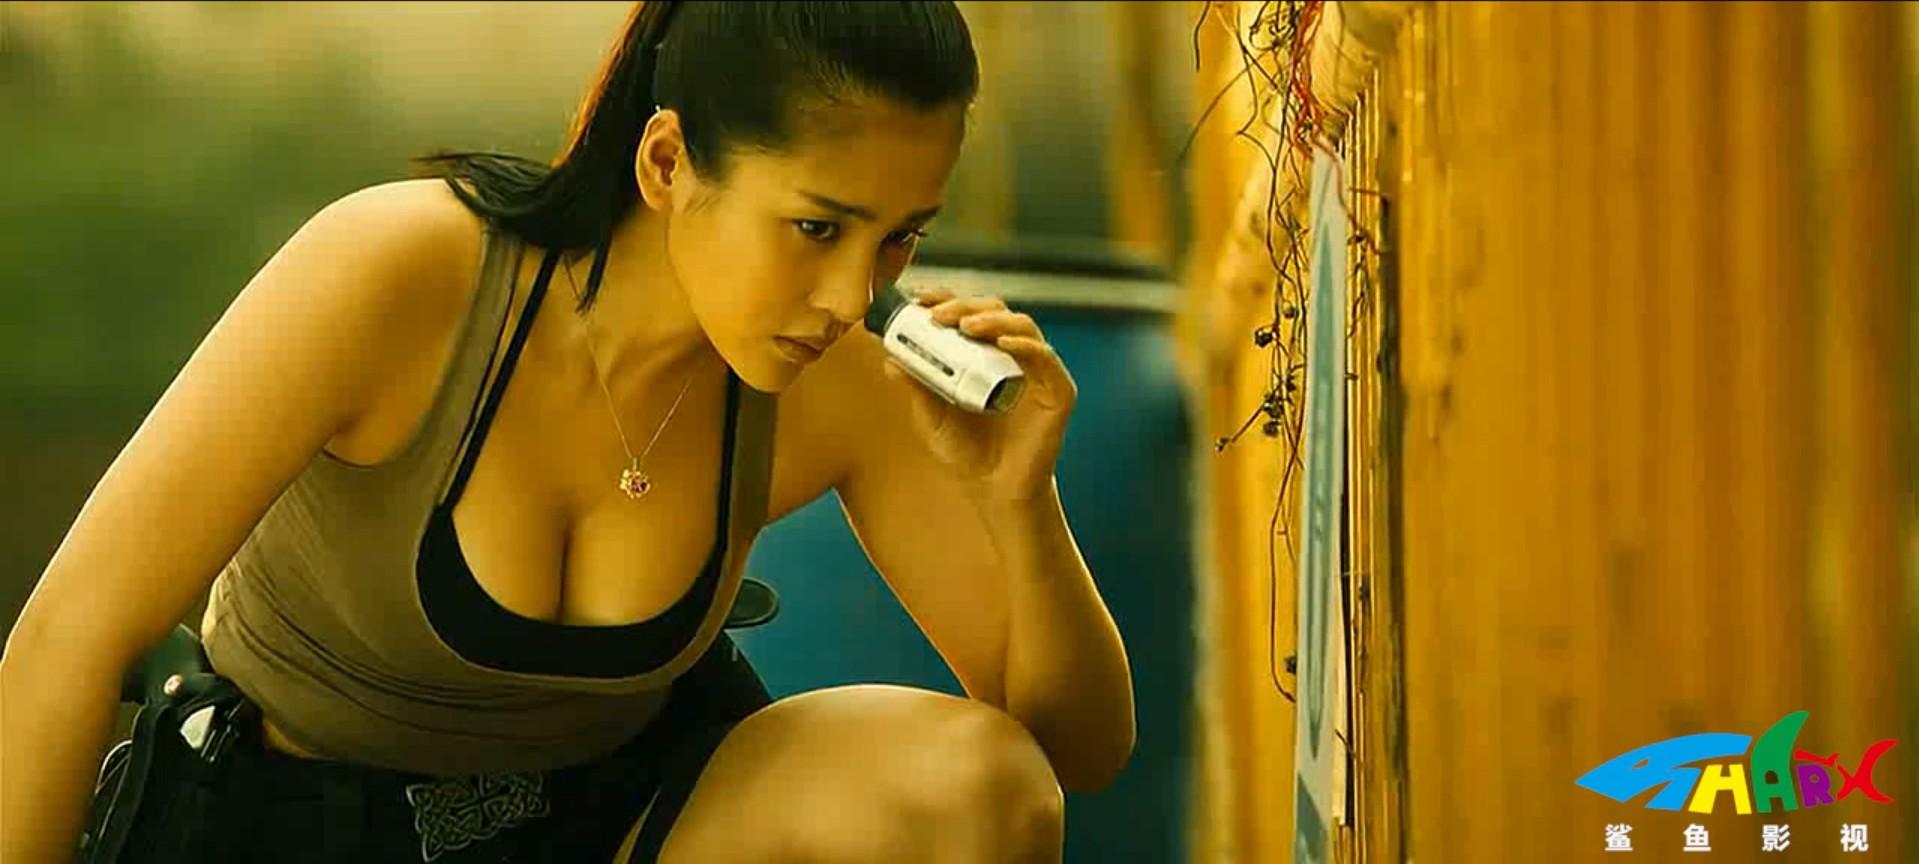 #羞羞看电影#中国版《生化危机》,面瘫女主角颜值撑起整部剧情《特工艾米拉》